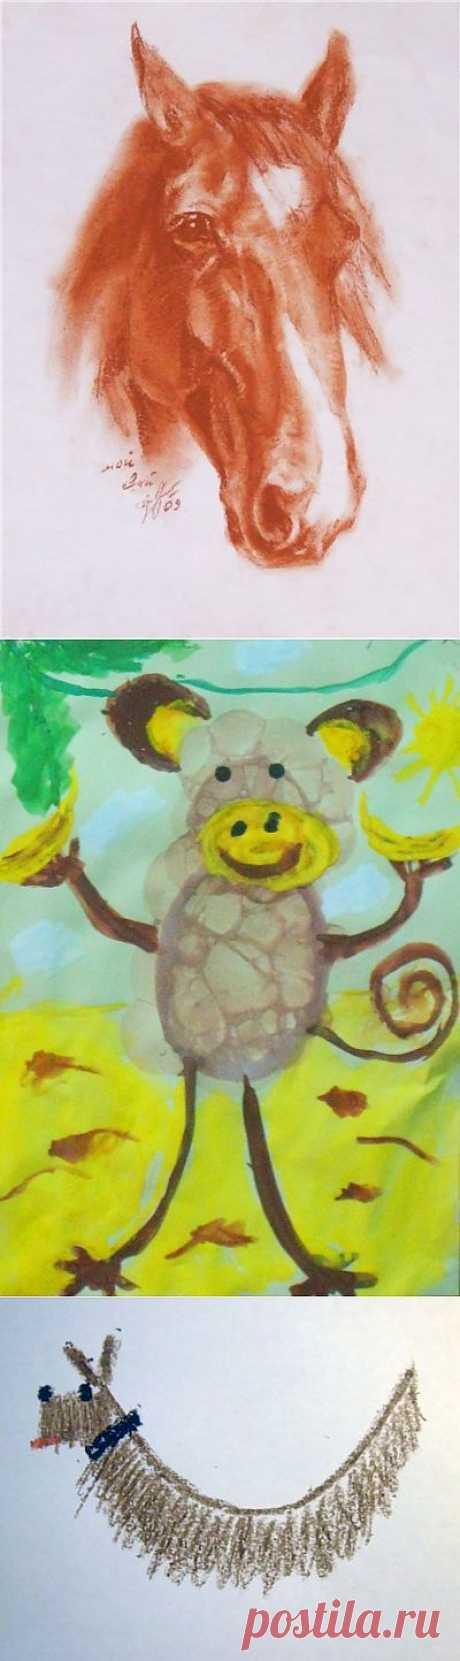 (+1) тема - Продолжаем занимать детей. Нетрадиционные способы рисования. | СДЕЛАЙ САМ!